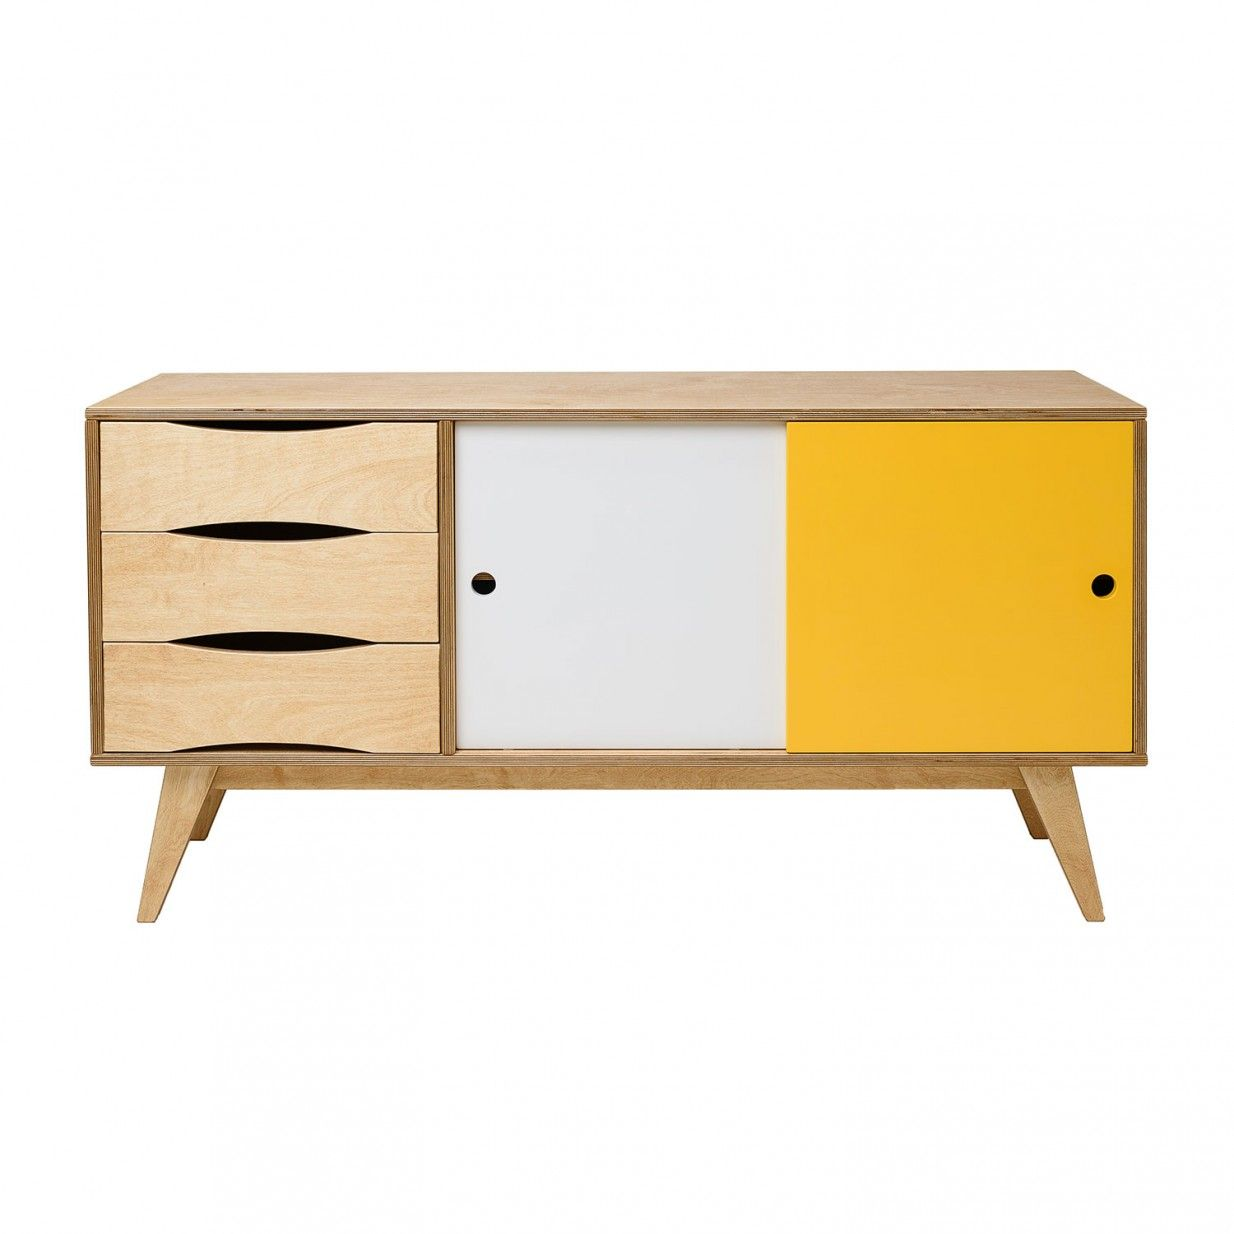 Schön Kleiderschrank 150 Cm Dekoration Von 150cm Sideboard - Ws/gb/eiche | Radis